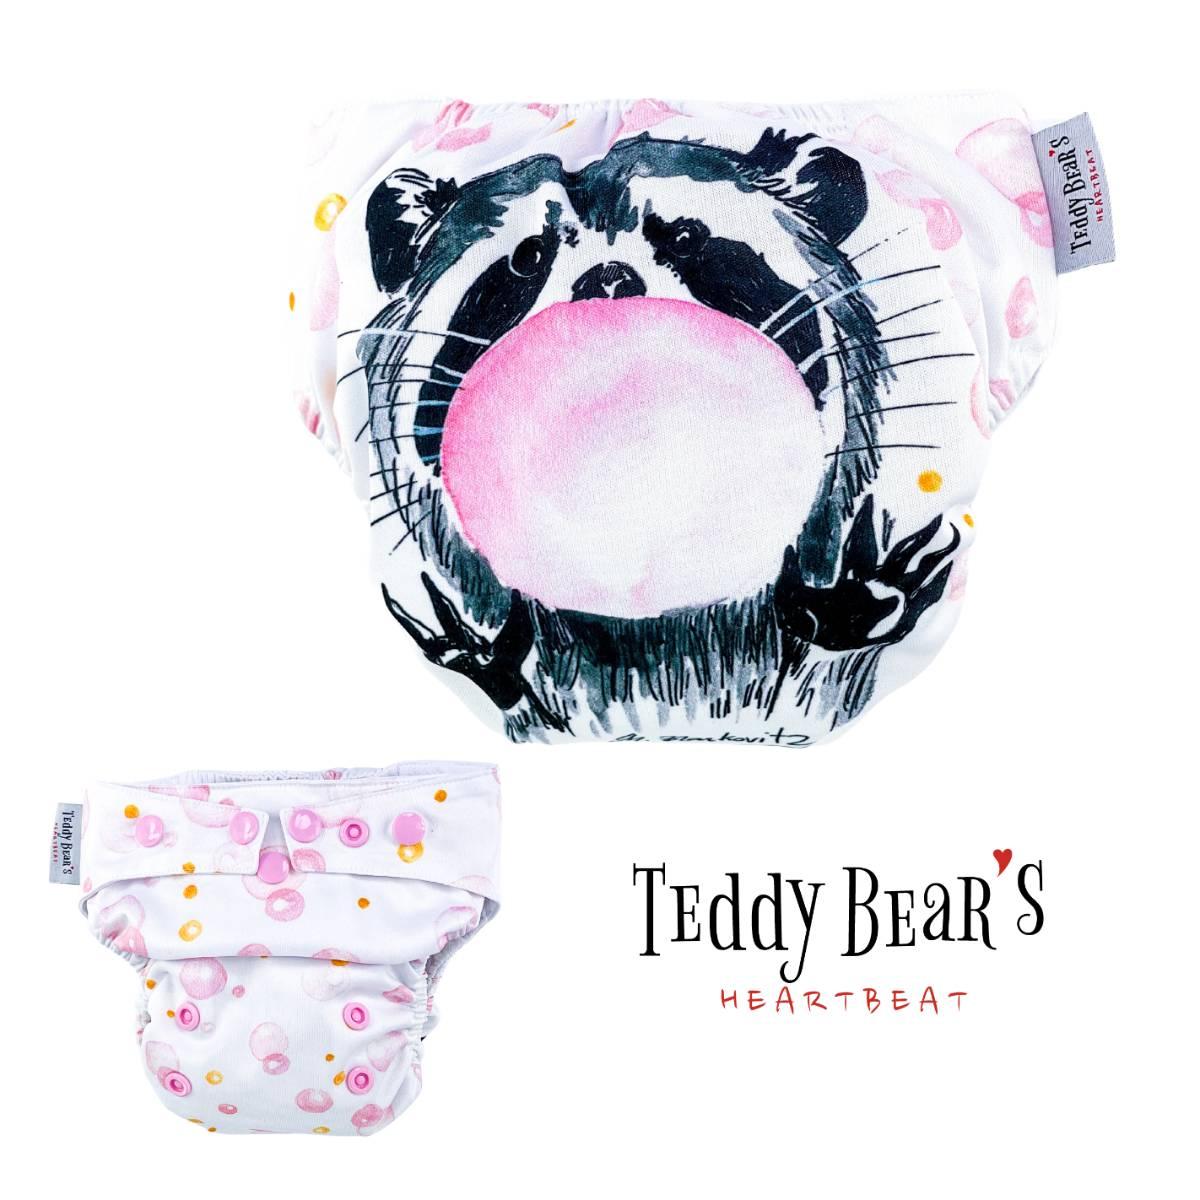 crazy-baloon-ergonomisk-toybleie-innlegg-booster-teddy-bears-heartbeat